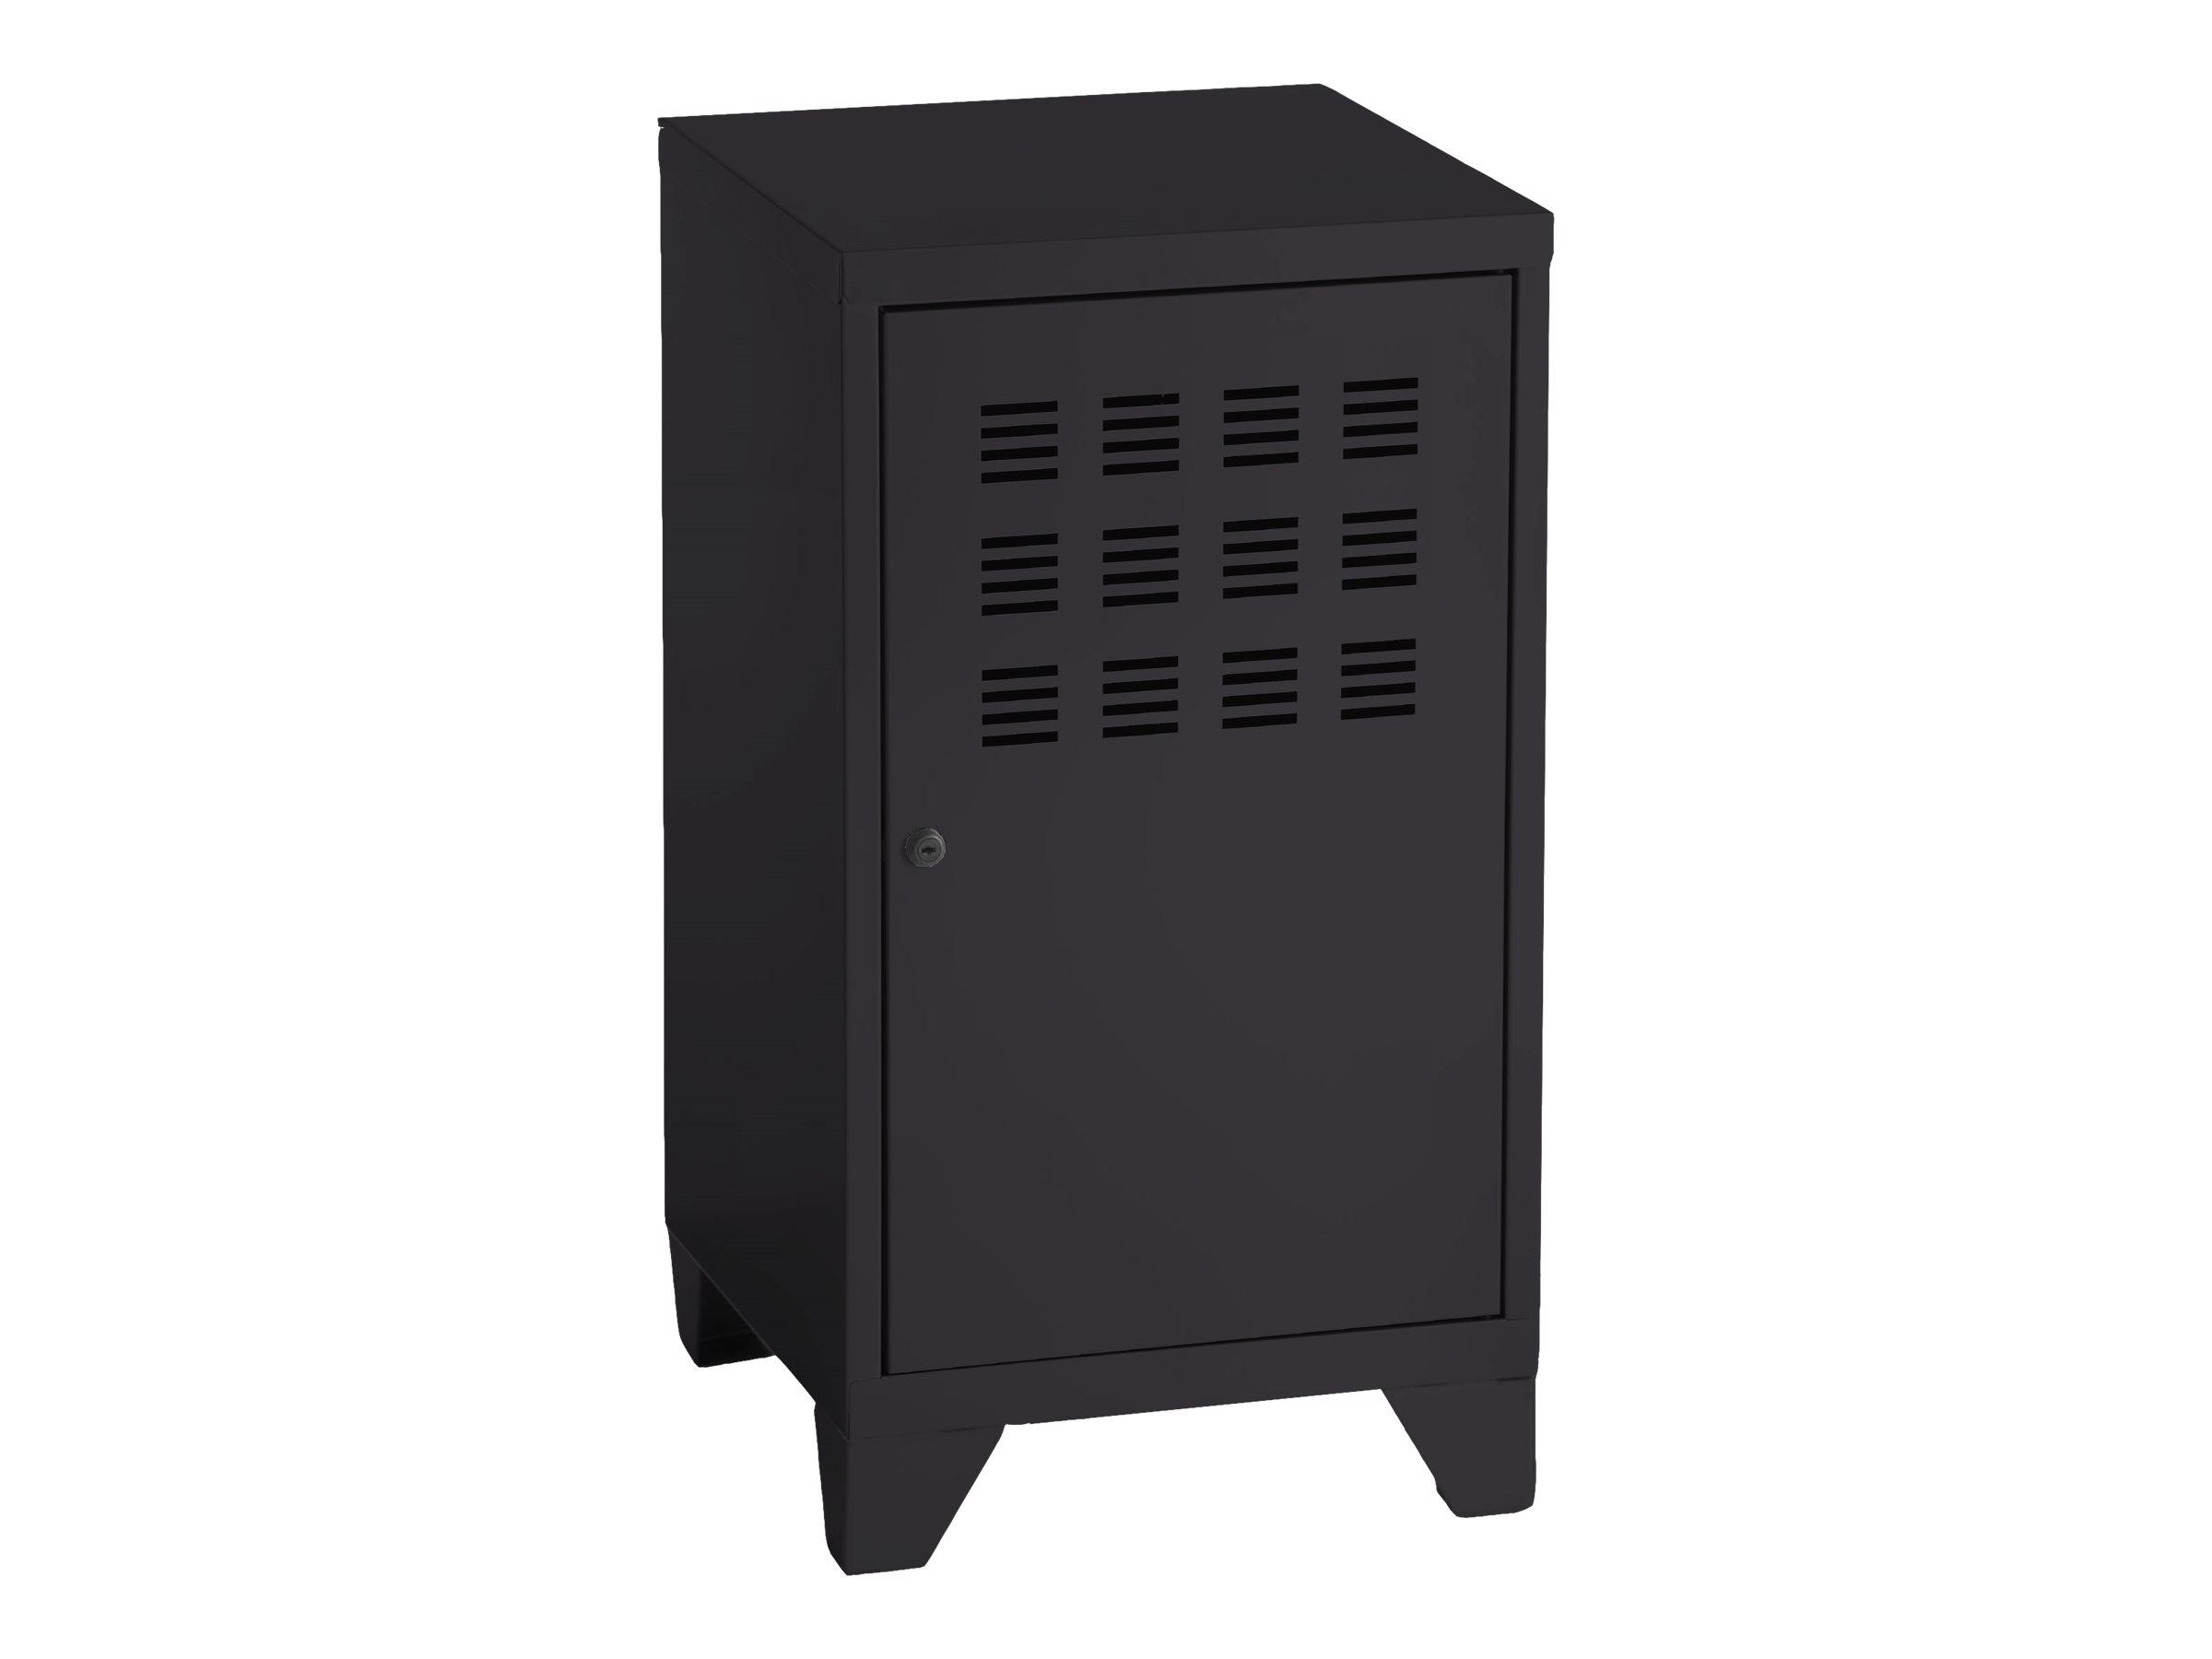 Casier de bureau avec pieds - 74 x 40 x 40 cm - noir